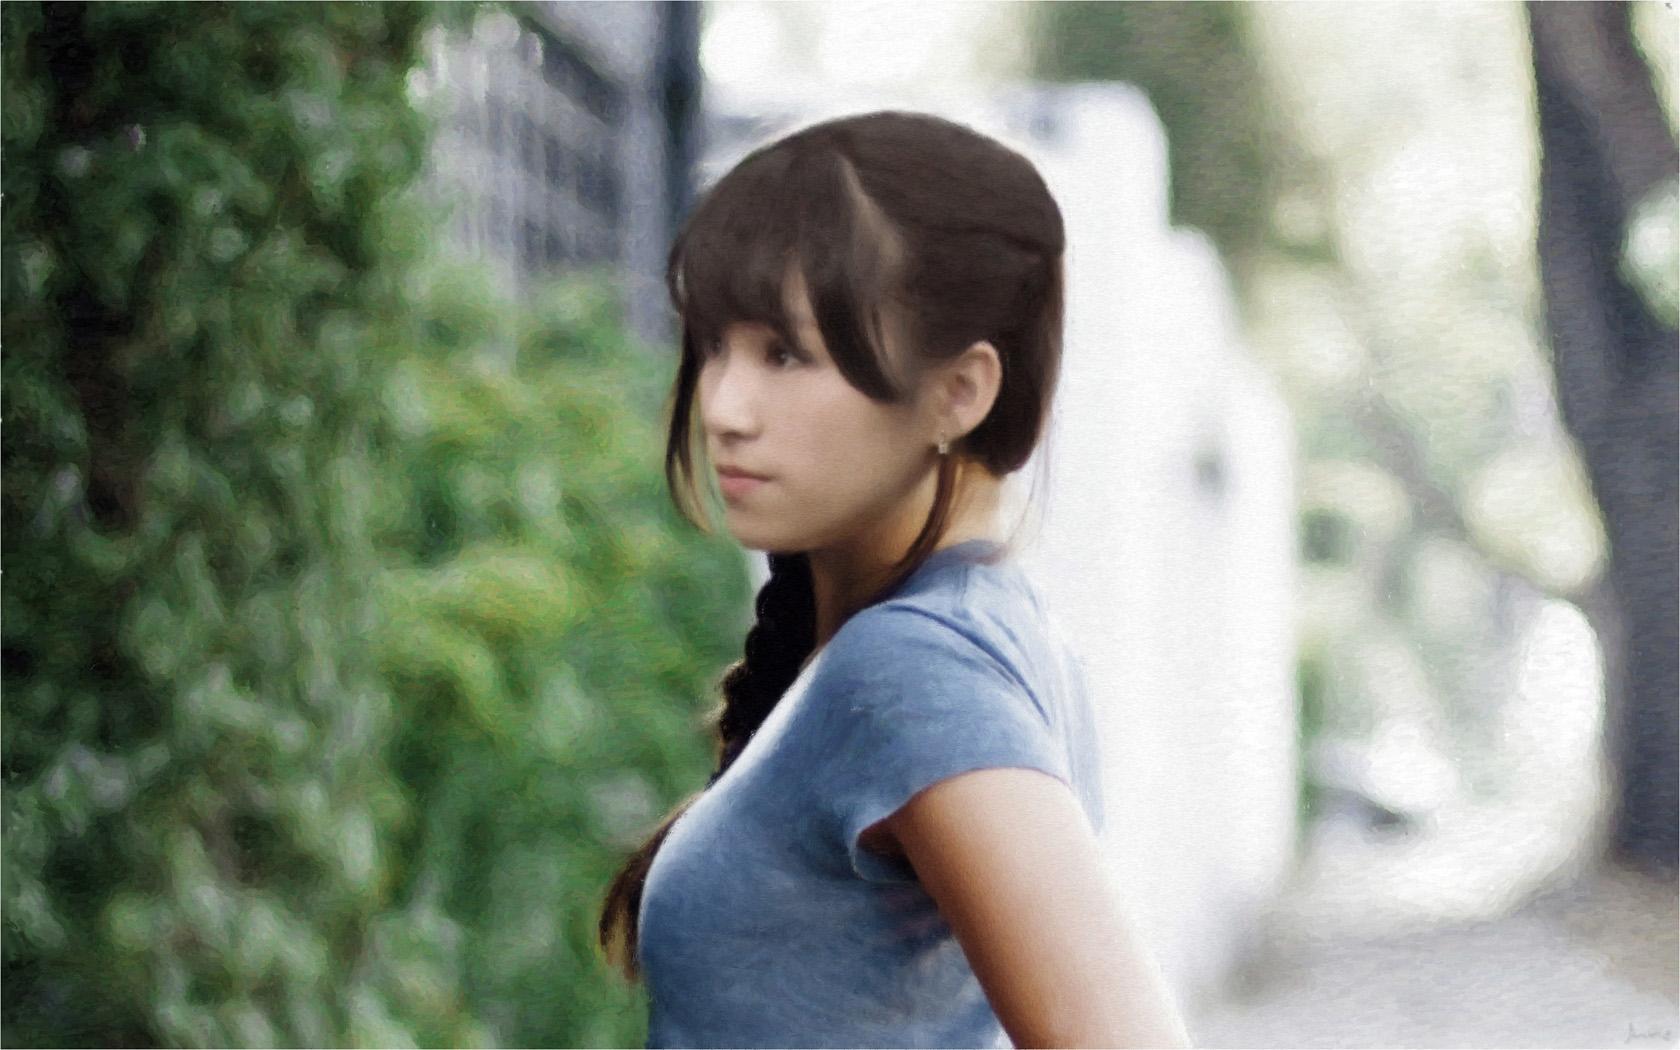 あ~ちゃんの部屋 西脇 綾香 - あ~ちゃん- あ~ちゃんの森9 迷子 あ~ちゃんの目ぢから 待